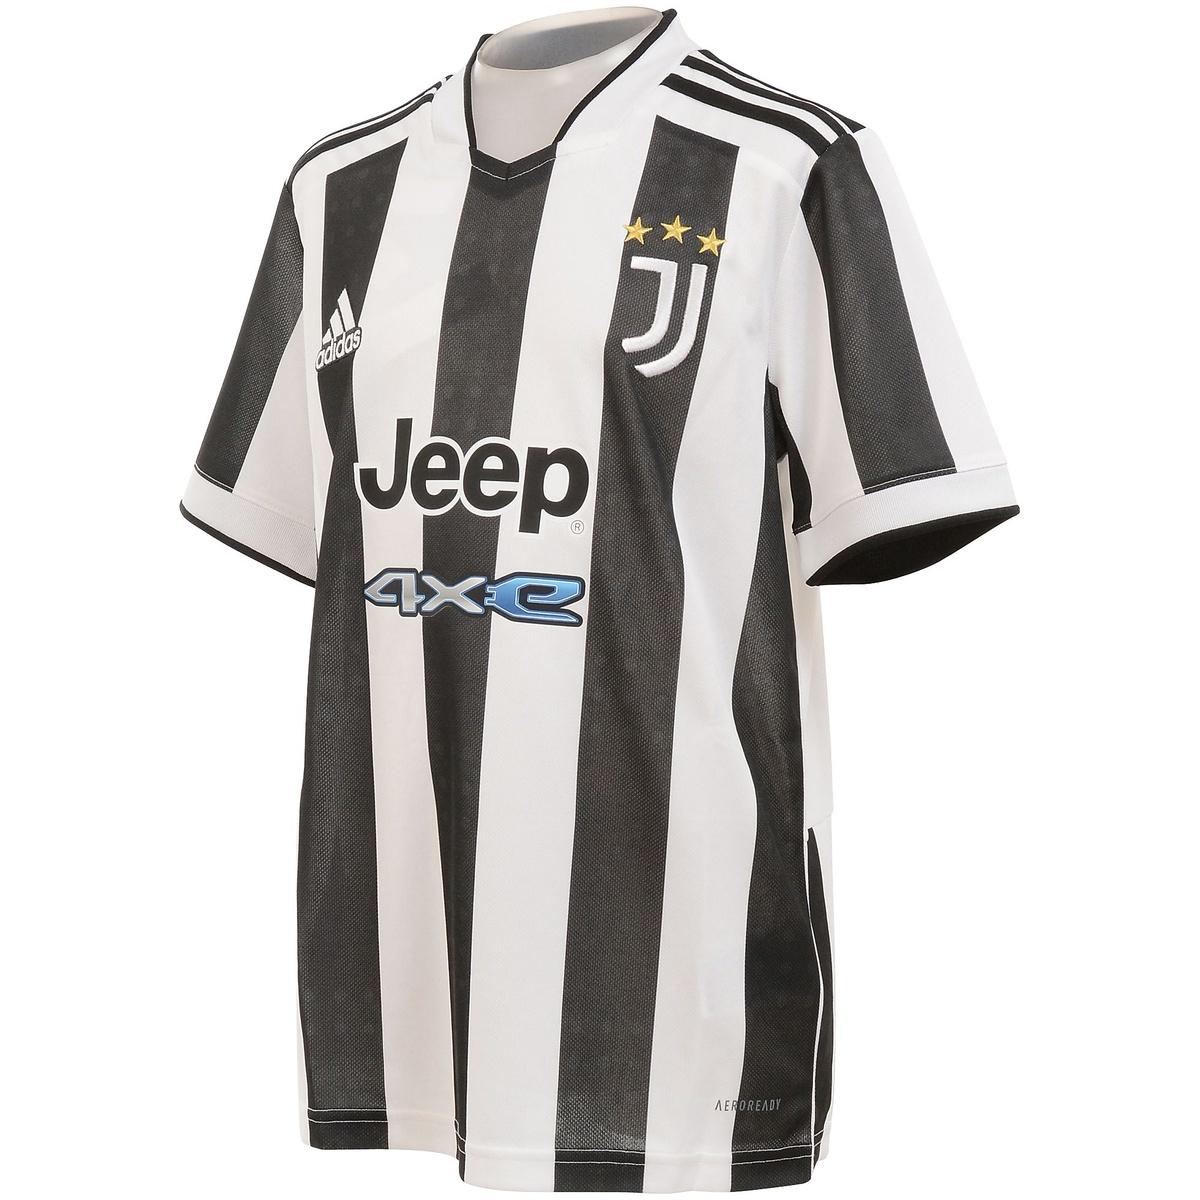 アディダス (人気激安) サッカー 海外クラブ ナショナルチーム ユベントス 21 22 ファクトリーアウトレット ホームユニフォーム Juventus Jersey ジュニア Home BH245 ホワイト GR0604 ブラック adidas